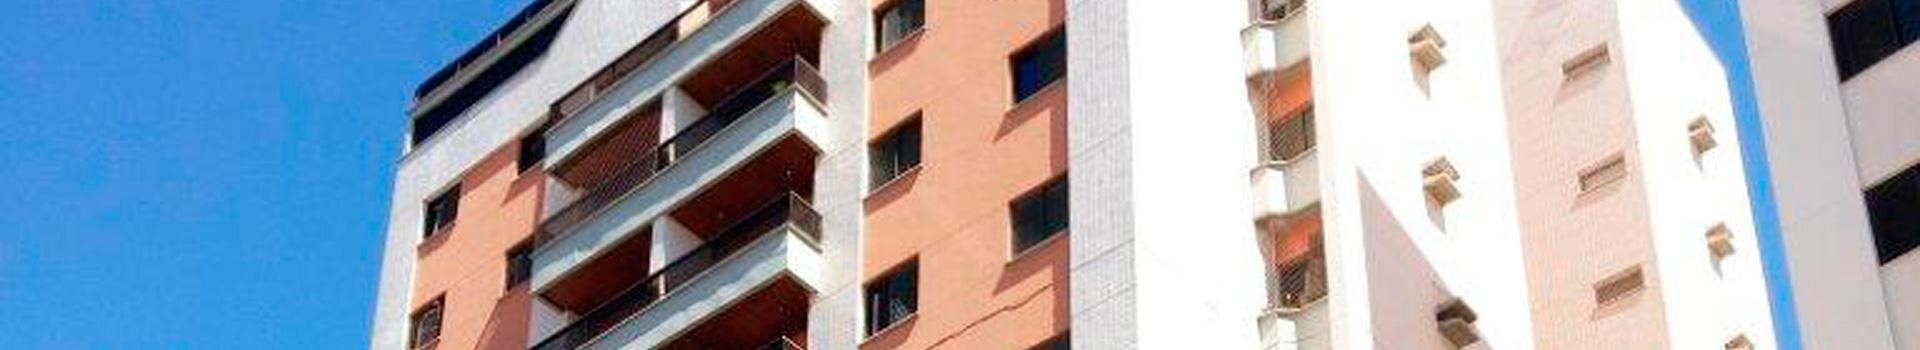 Portal Nova Campinas Área Construída: 6.756m² - Nova Campinas - Campinas / SP